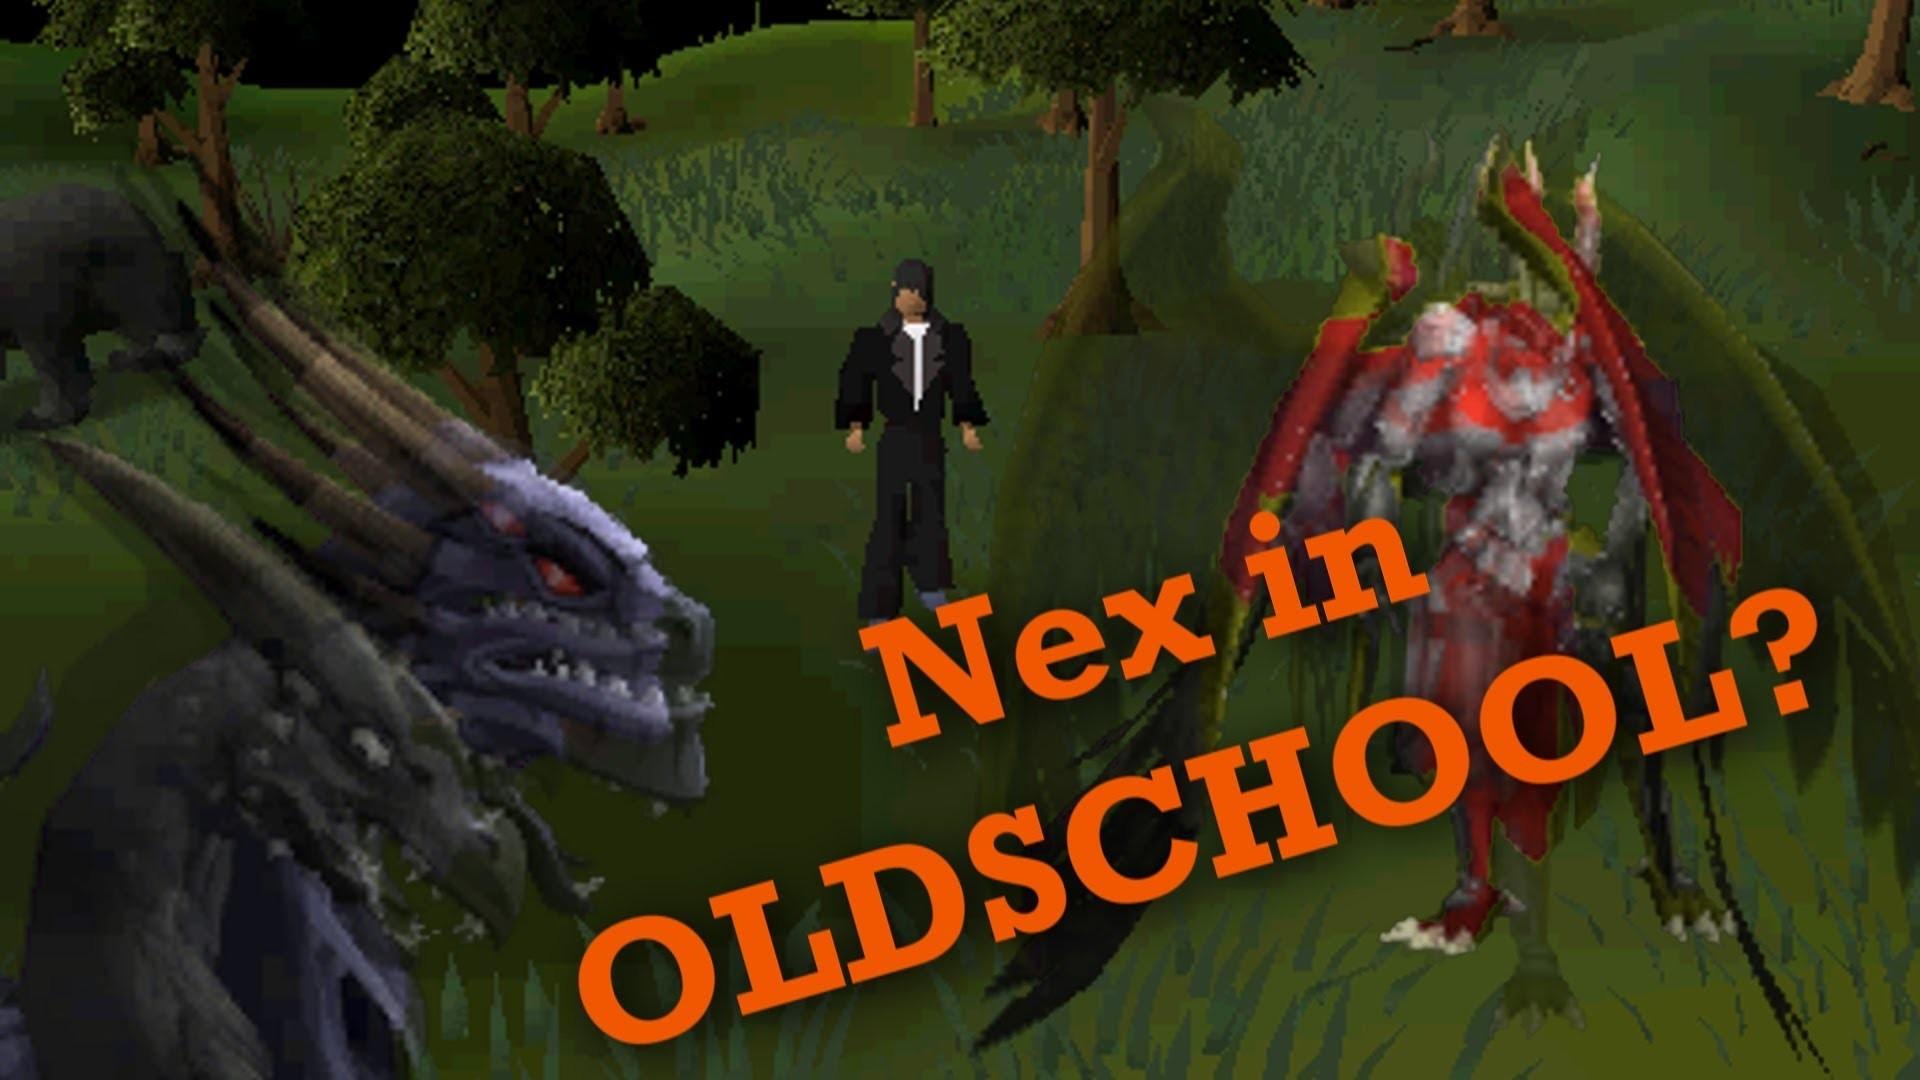 [Runescape] – Nex is now in Oldschool